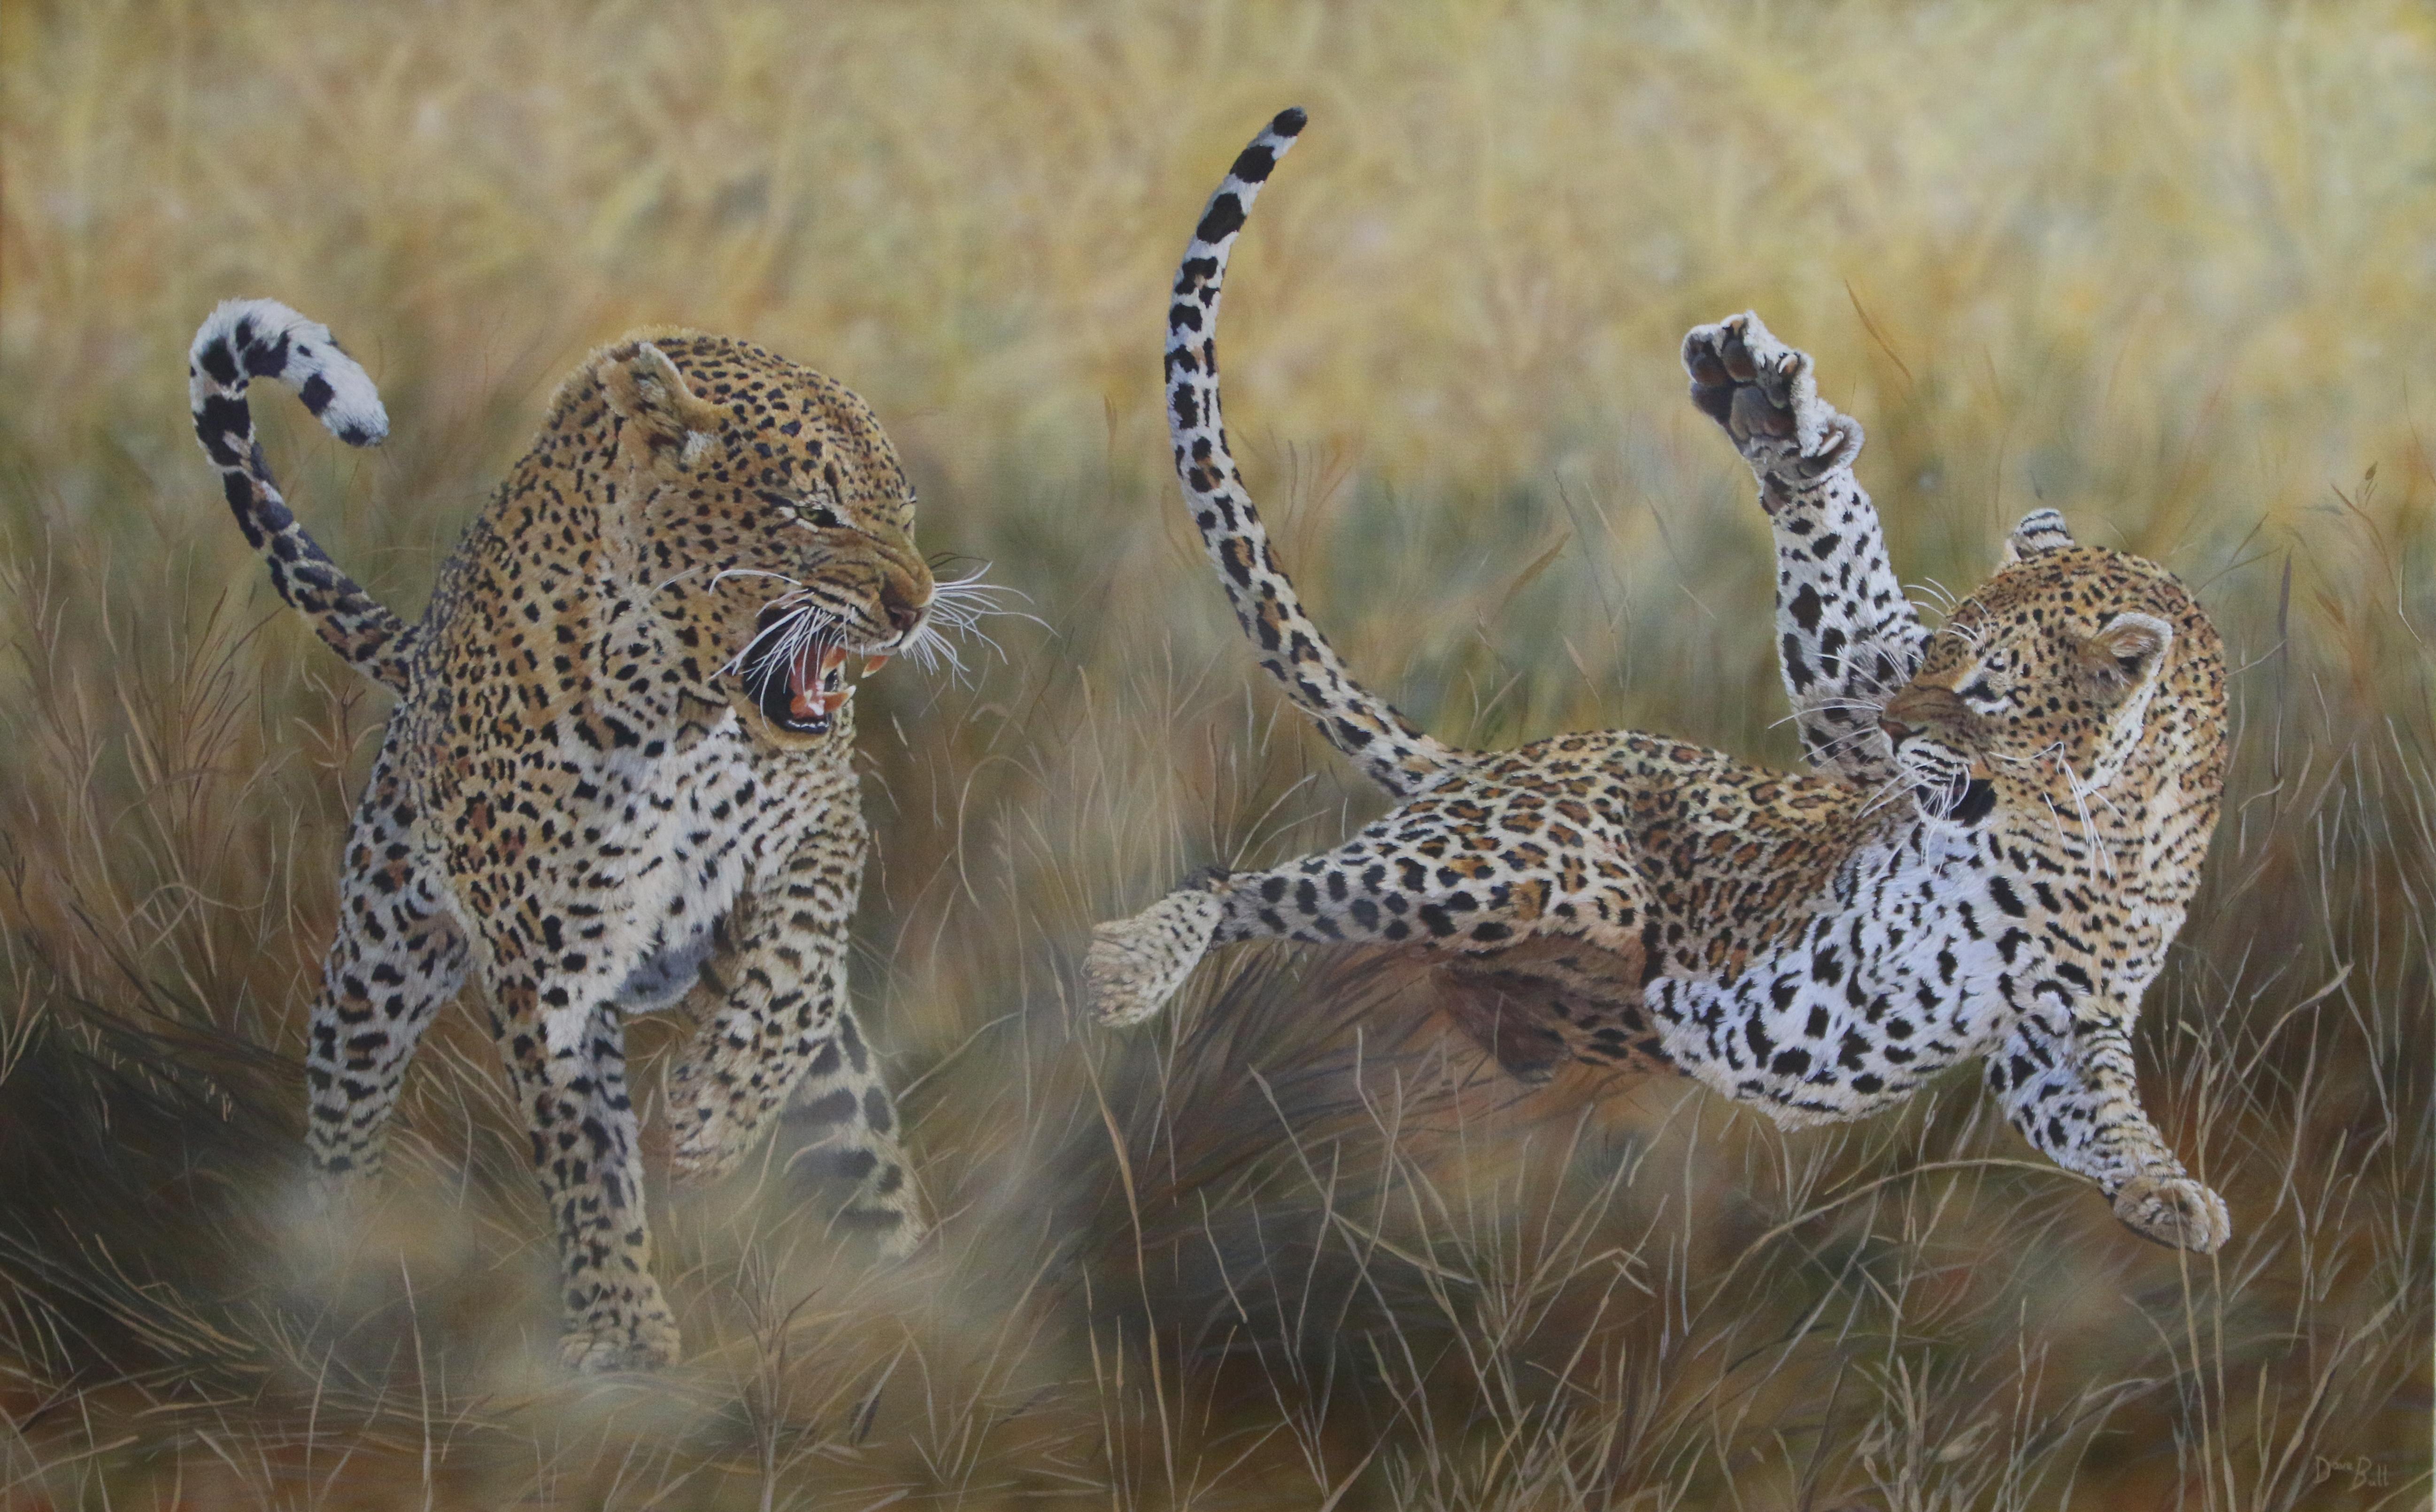 Leopards 160 x 100 cm